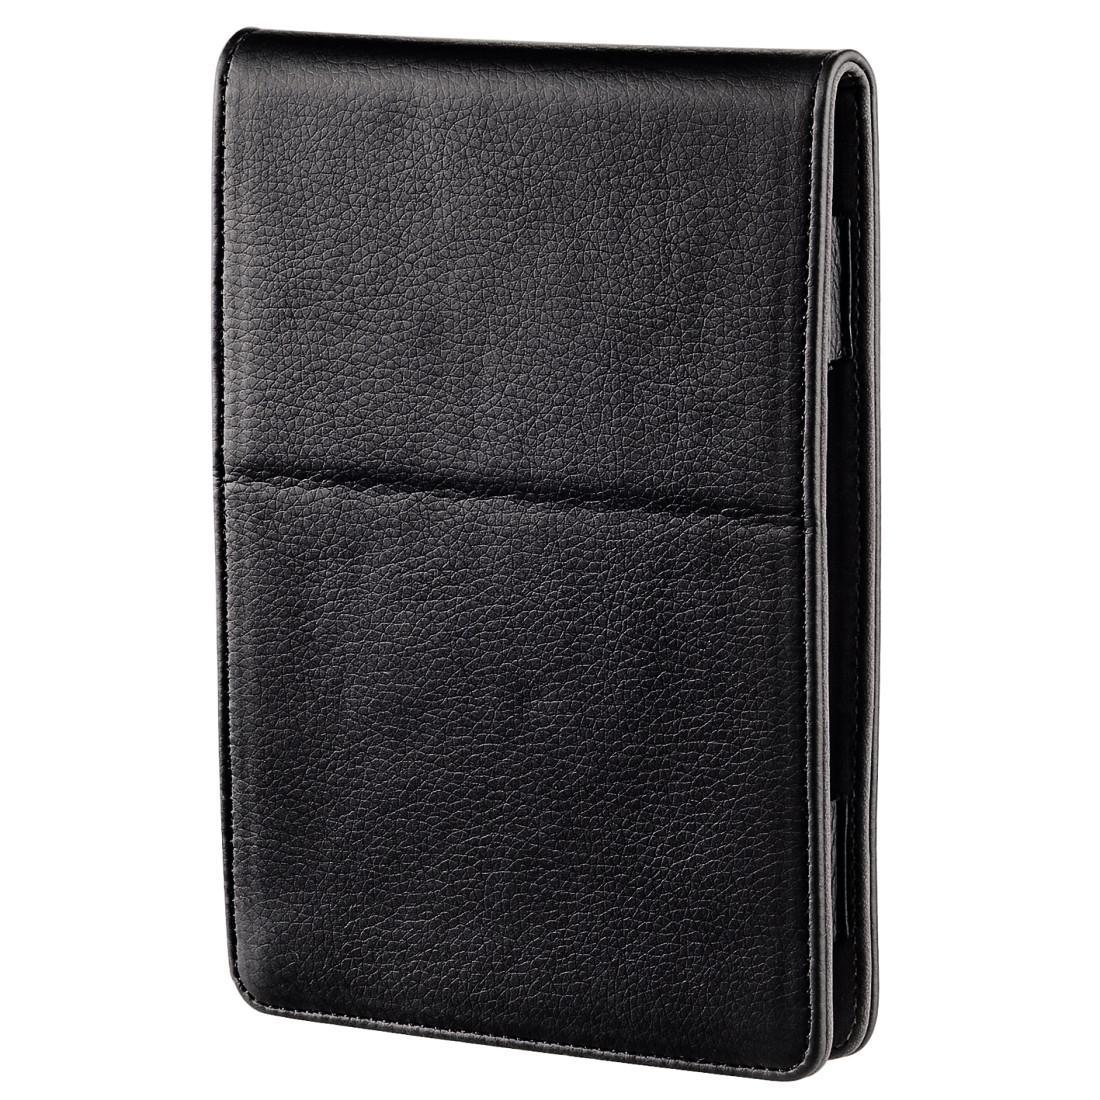 Калъф HAMA Tarragona за eBook четци Amazon Kindle, 6 inch, Черен